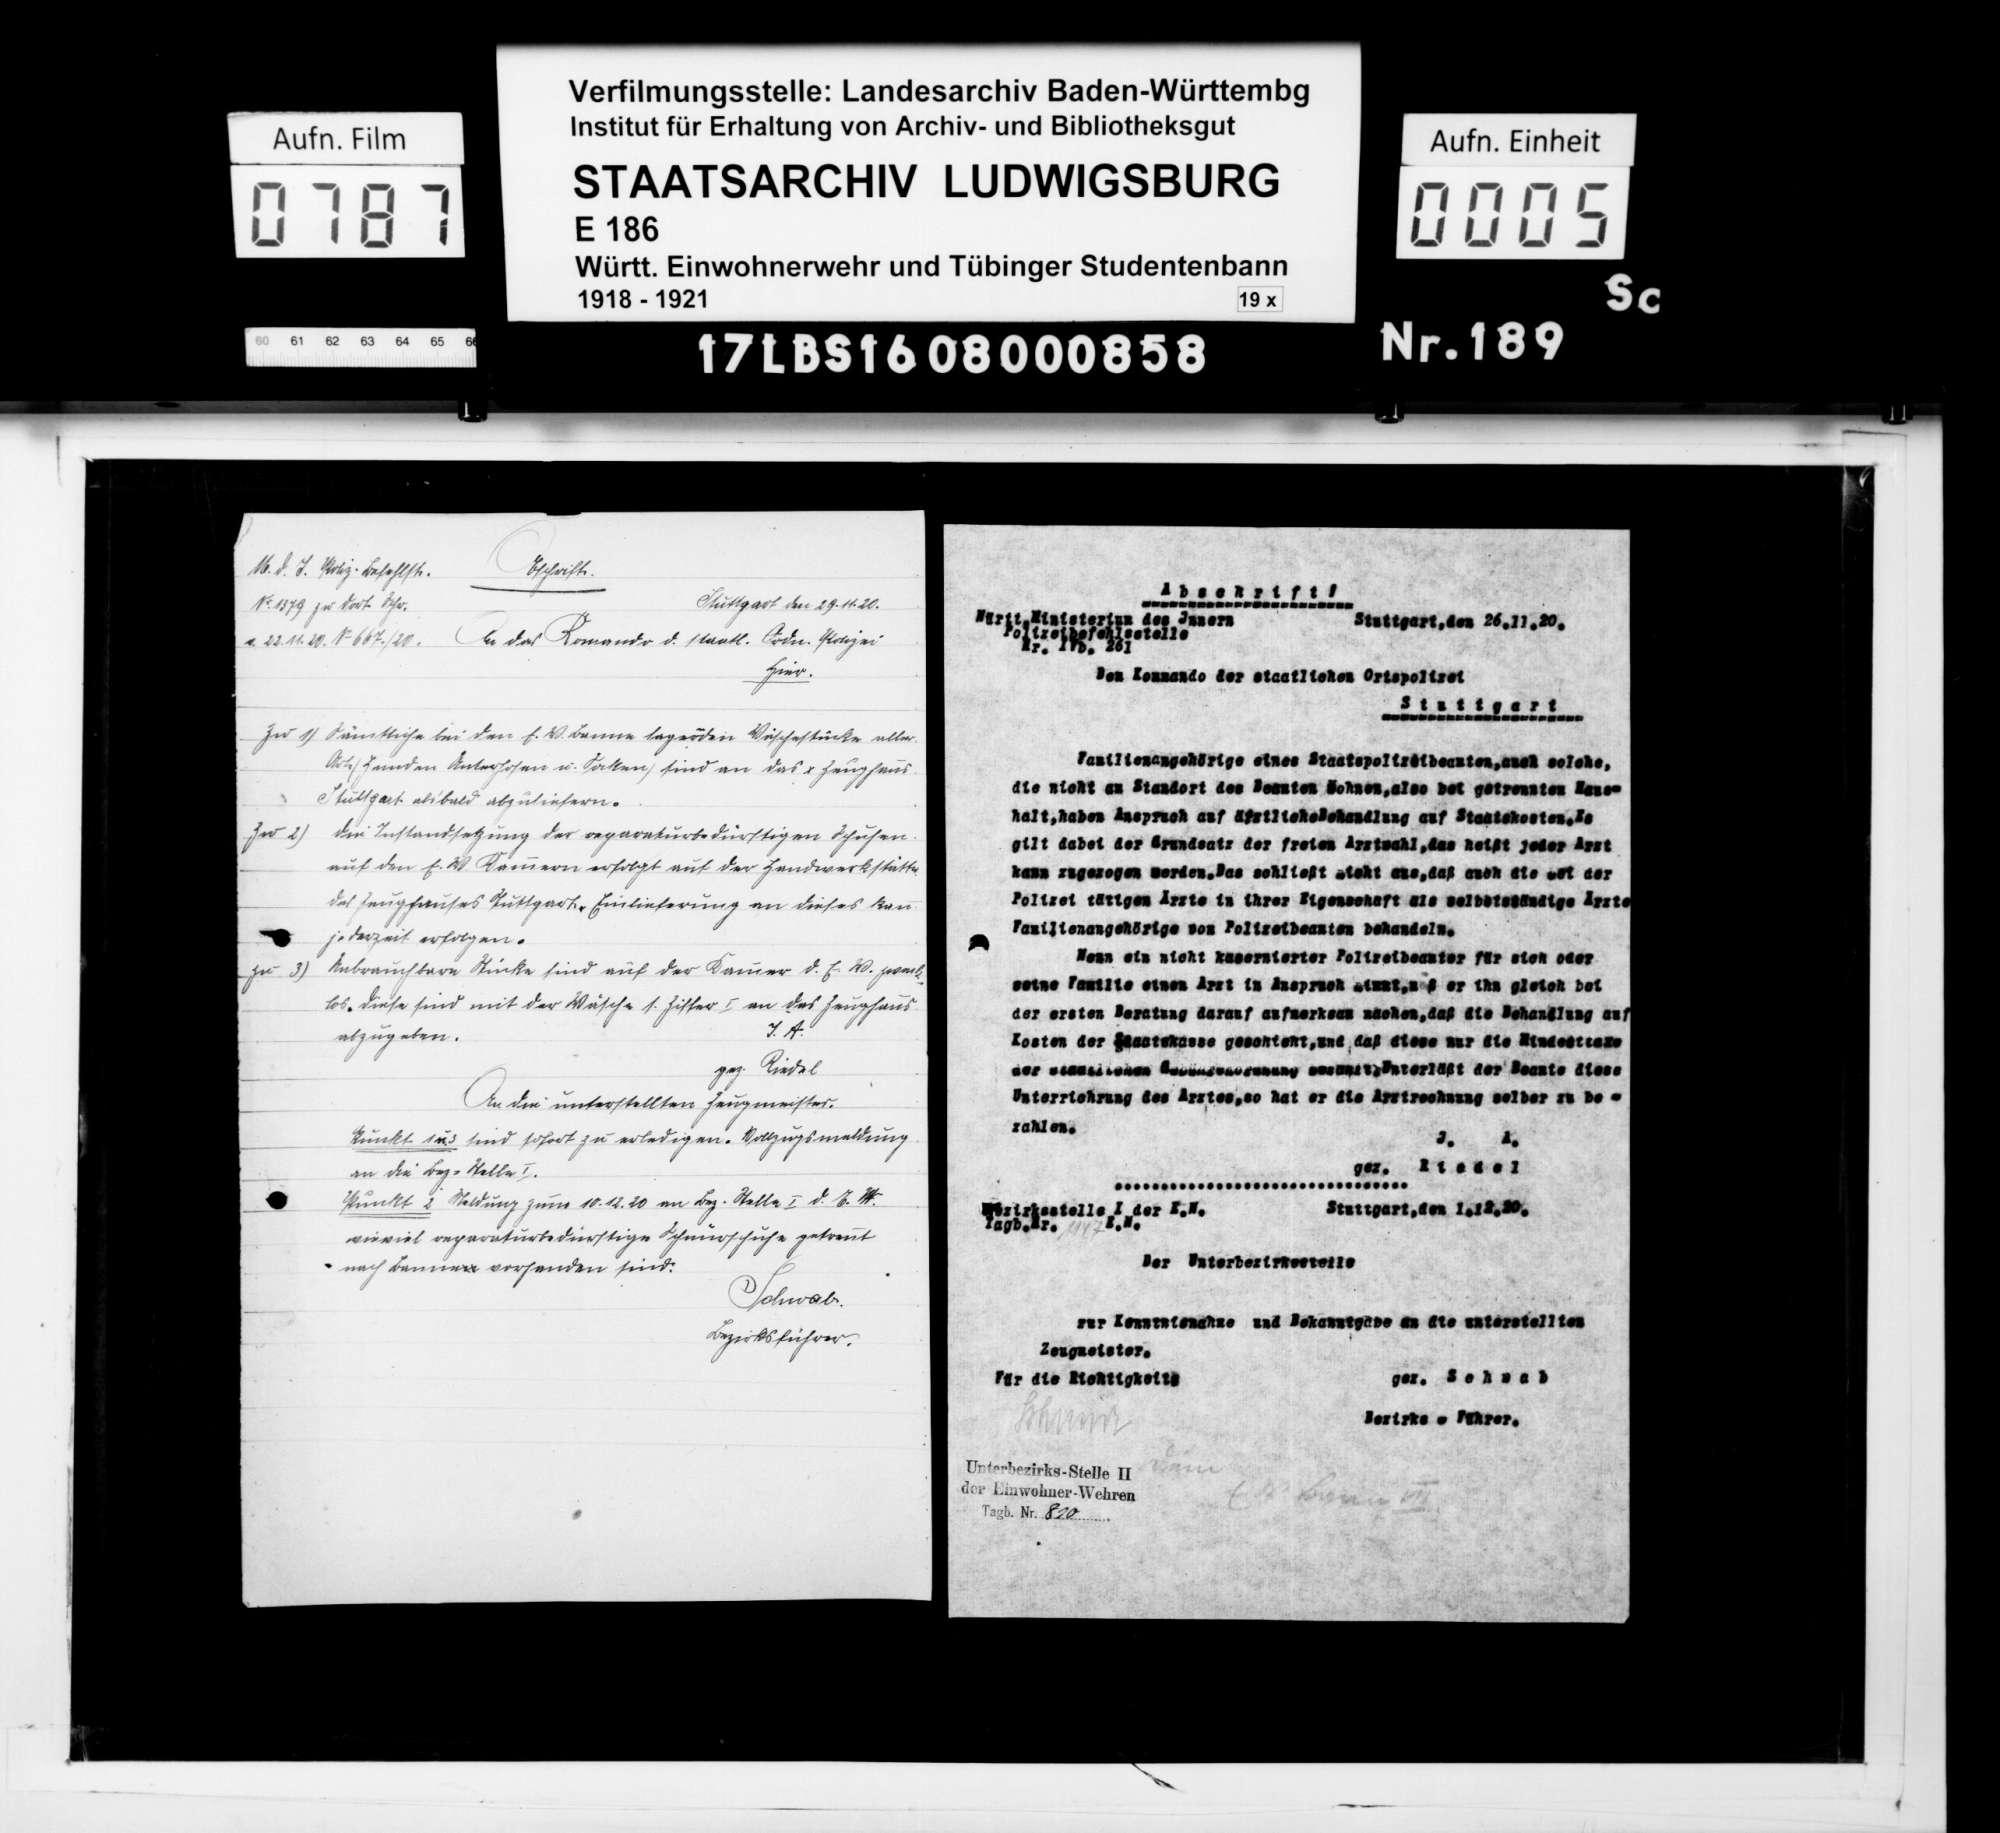 Verfügungen des Innenministeriums, Bild 3